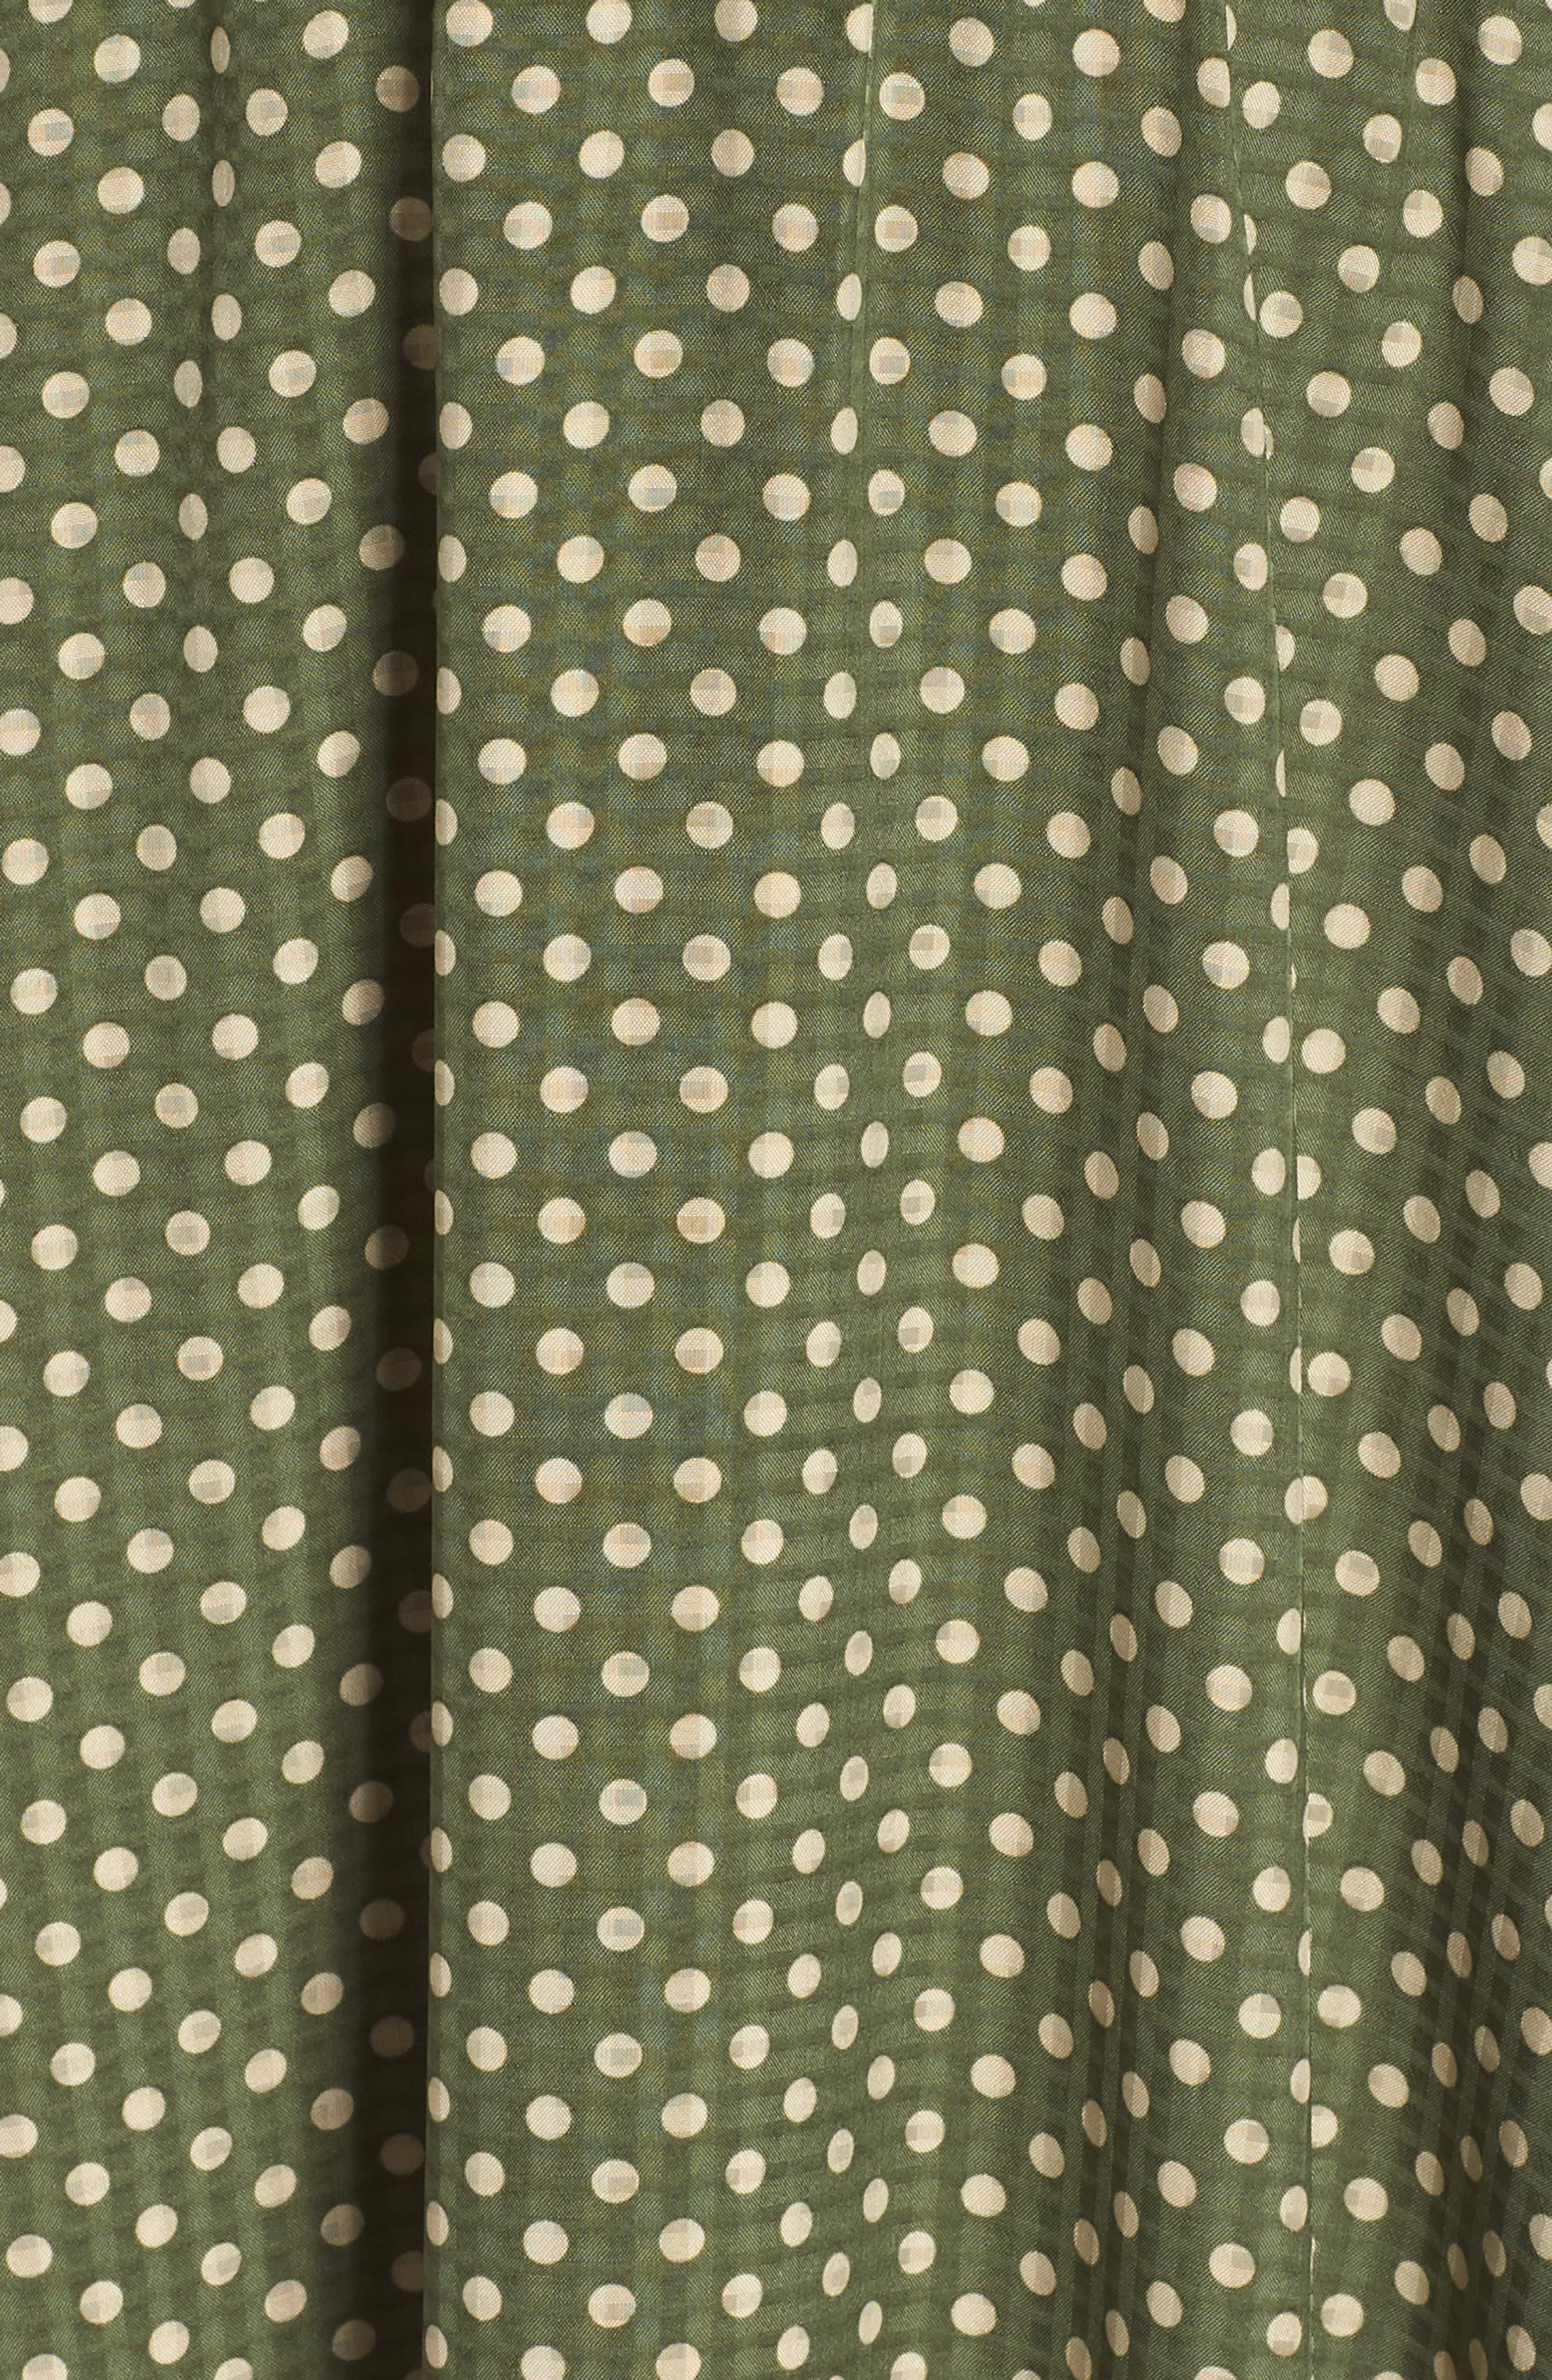 Polka Dot Halter Dress,                             Alternate thumbnail 6, color,                             350